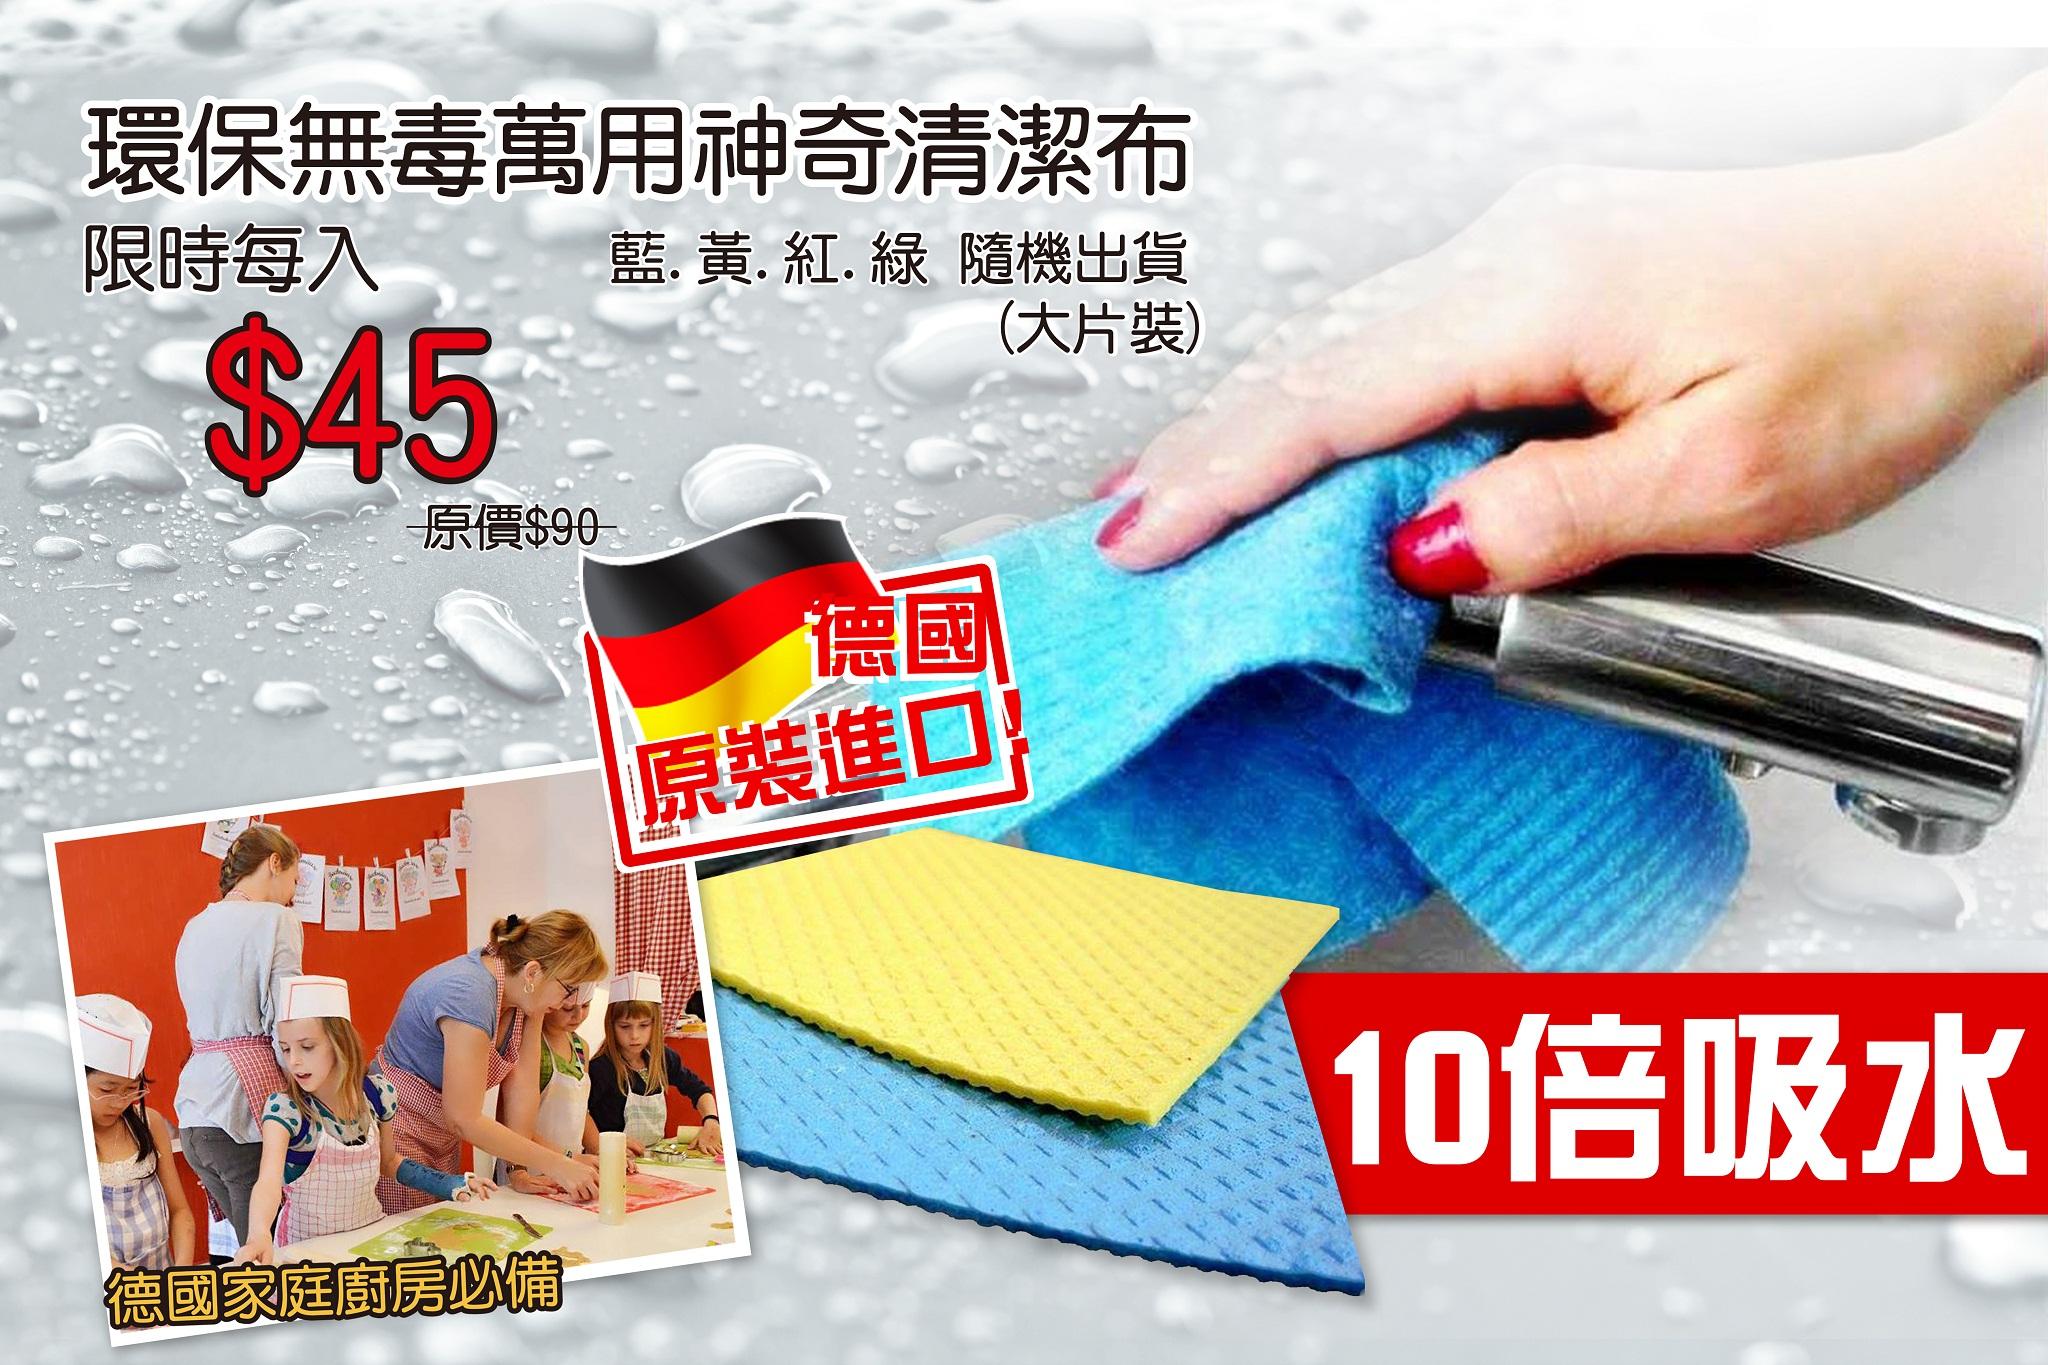 清涼大特價 199/5入/包(大片裝)..原價275/5入/包,100%德國抹布 環保無毒神奇萬用清潔布